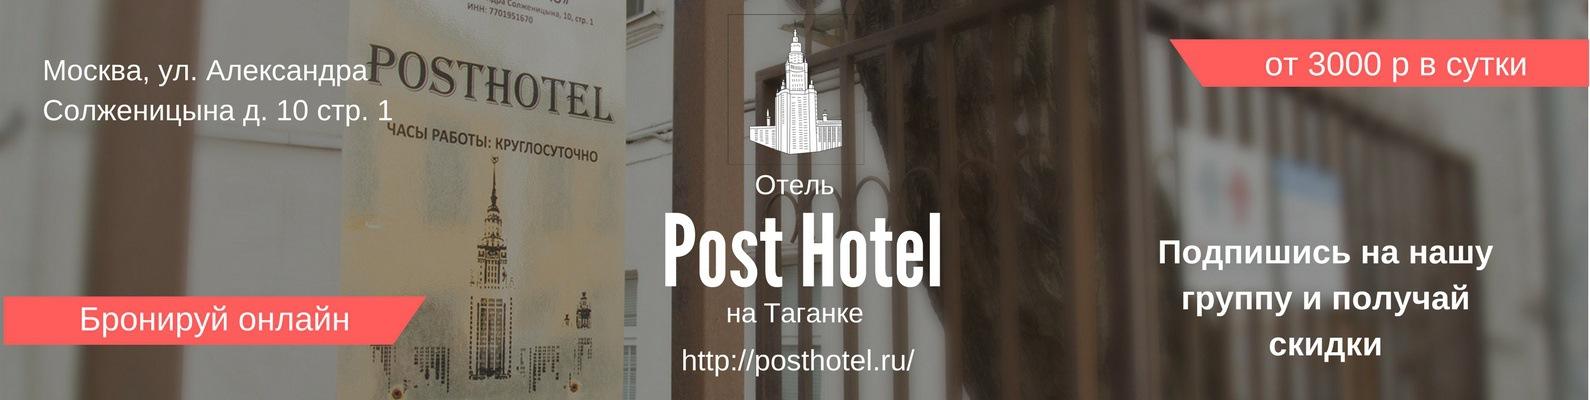 мини отель на учебном